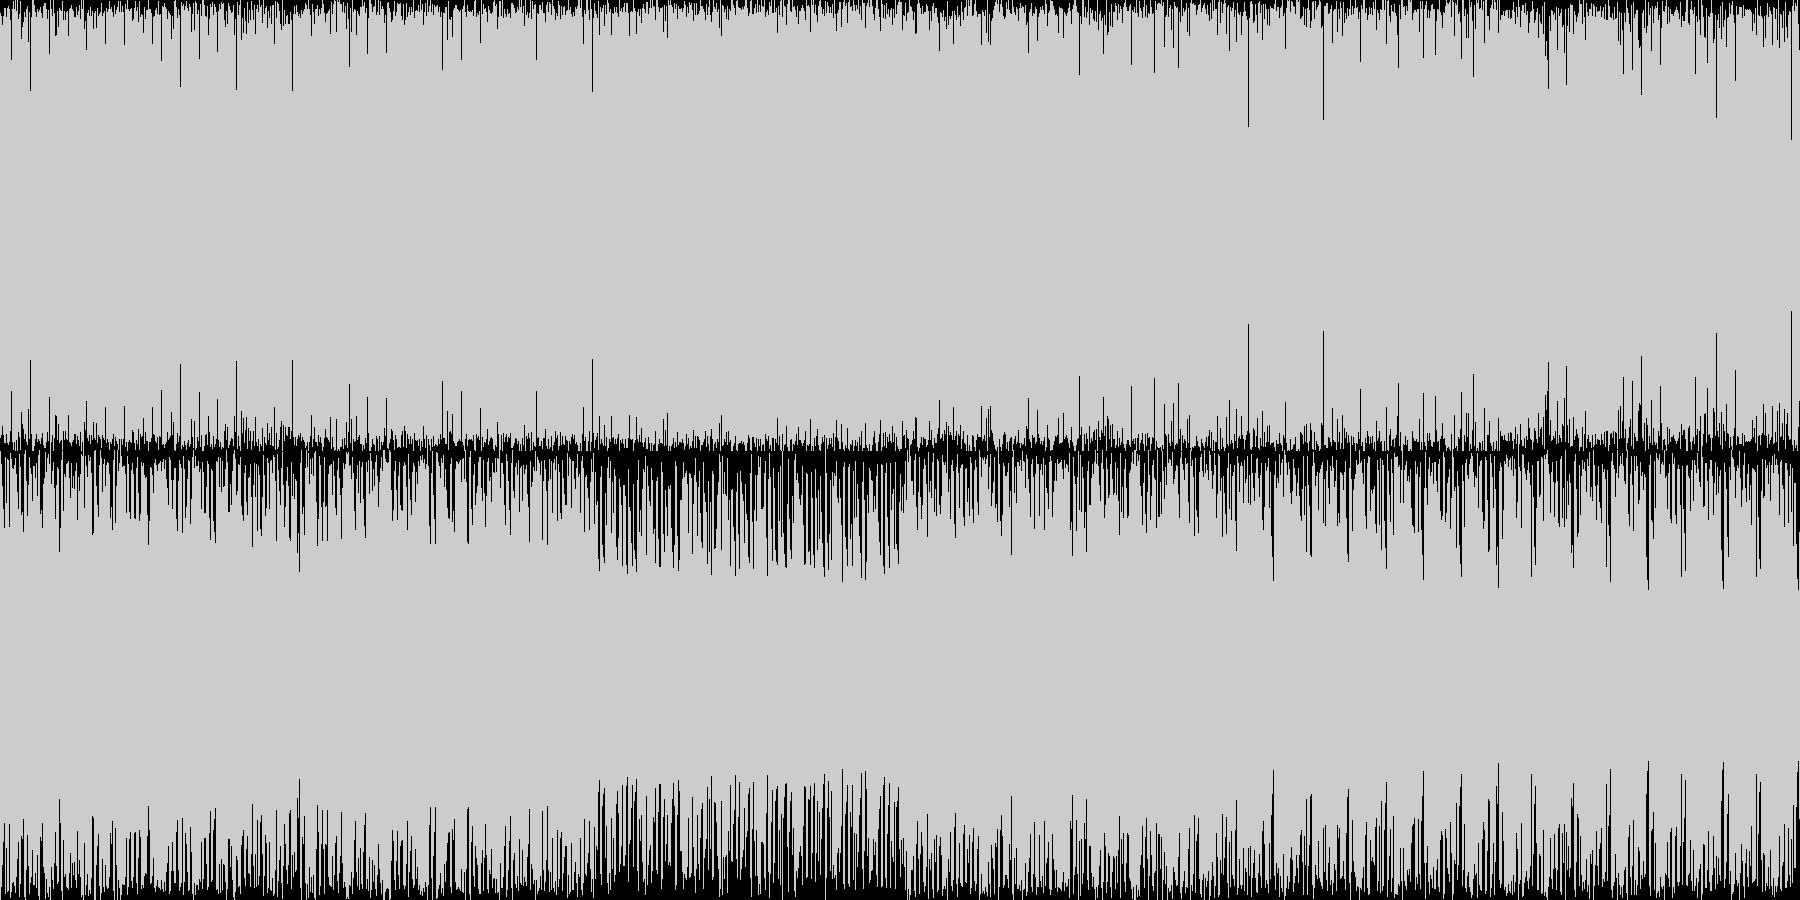 往年のアーケードゲームのFMサウンドで…の未再生の波形